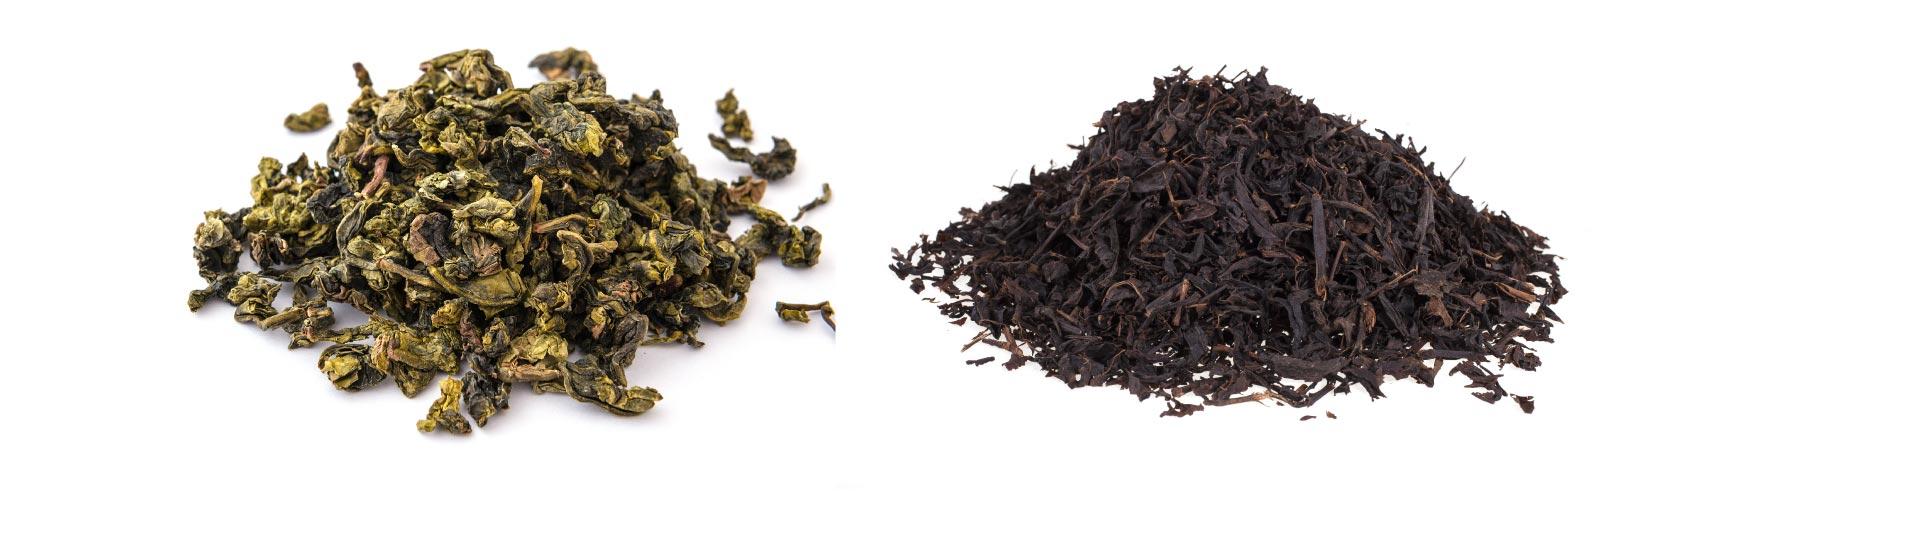 فروش اینترنتی چای سیاه